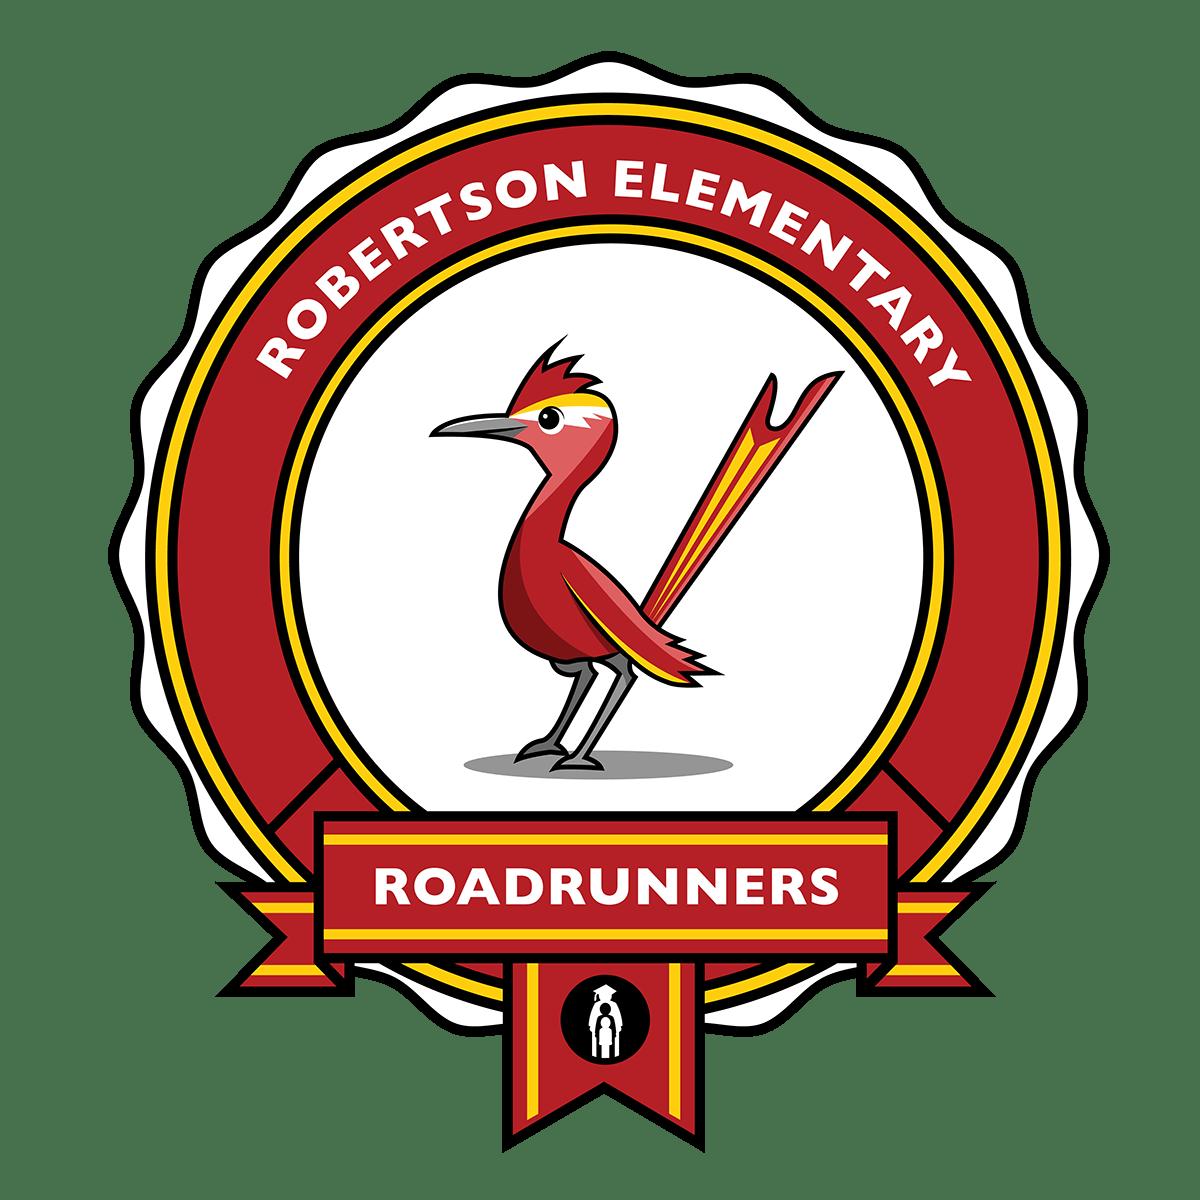 Robertson Roadrunner